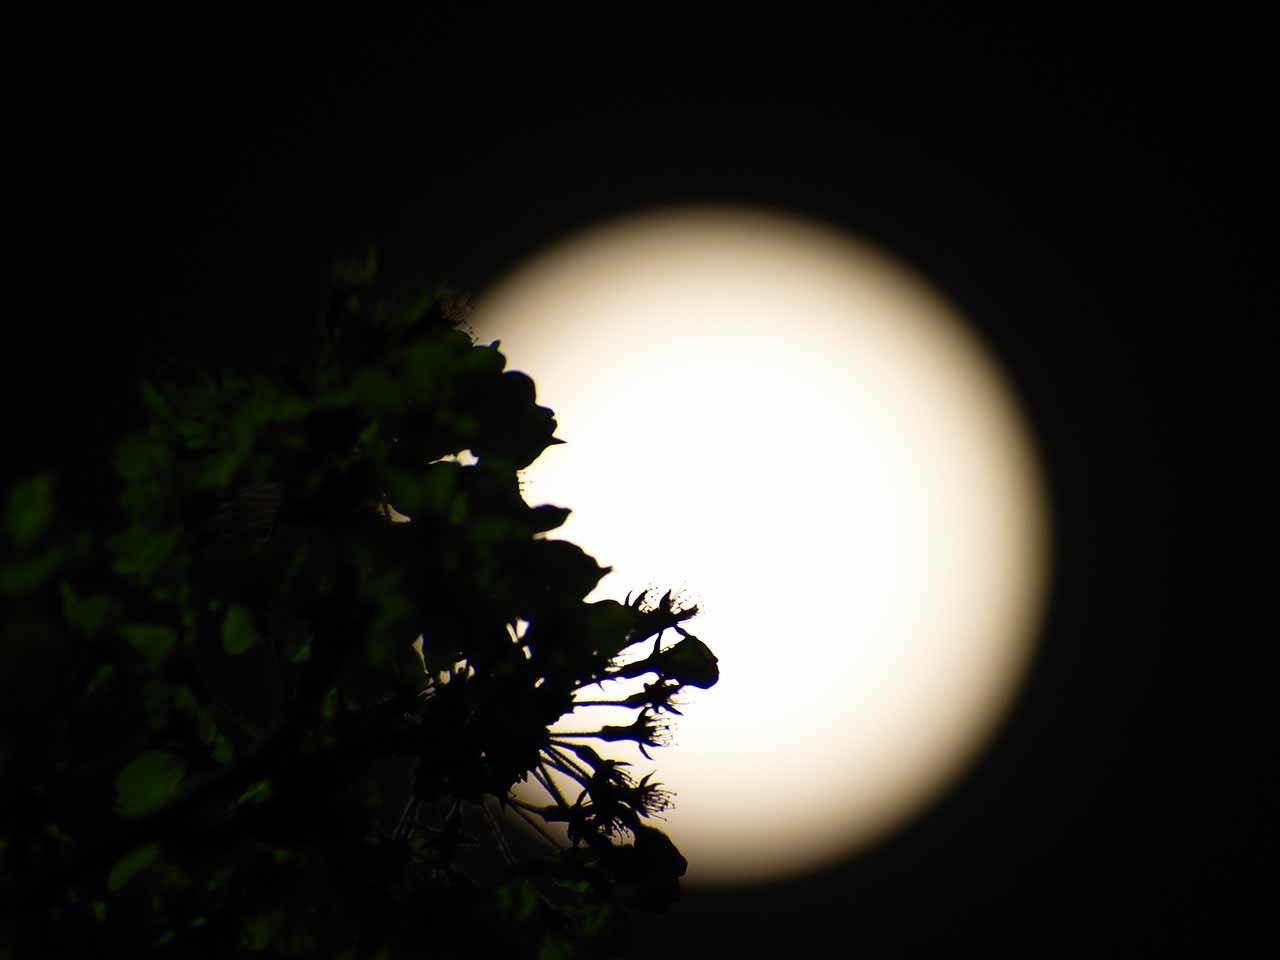 夜桜とブルームーン・・・なんだけど_b0021375_21335487.jpg